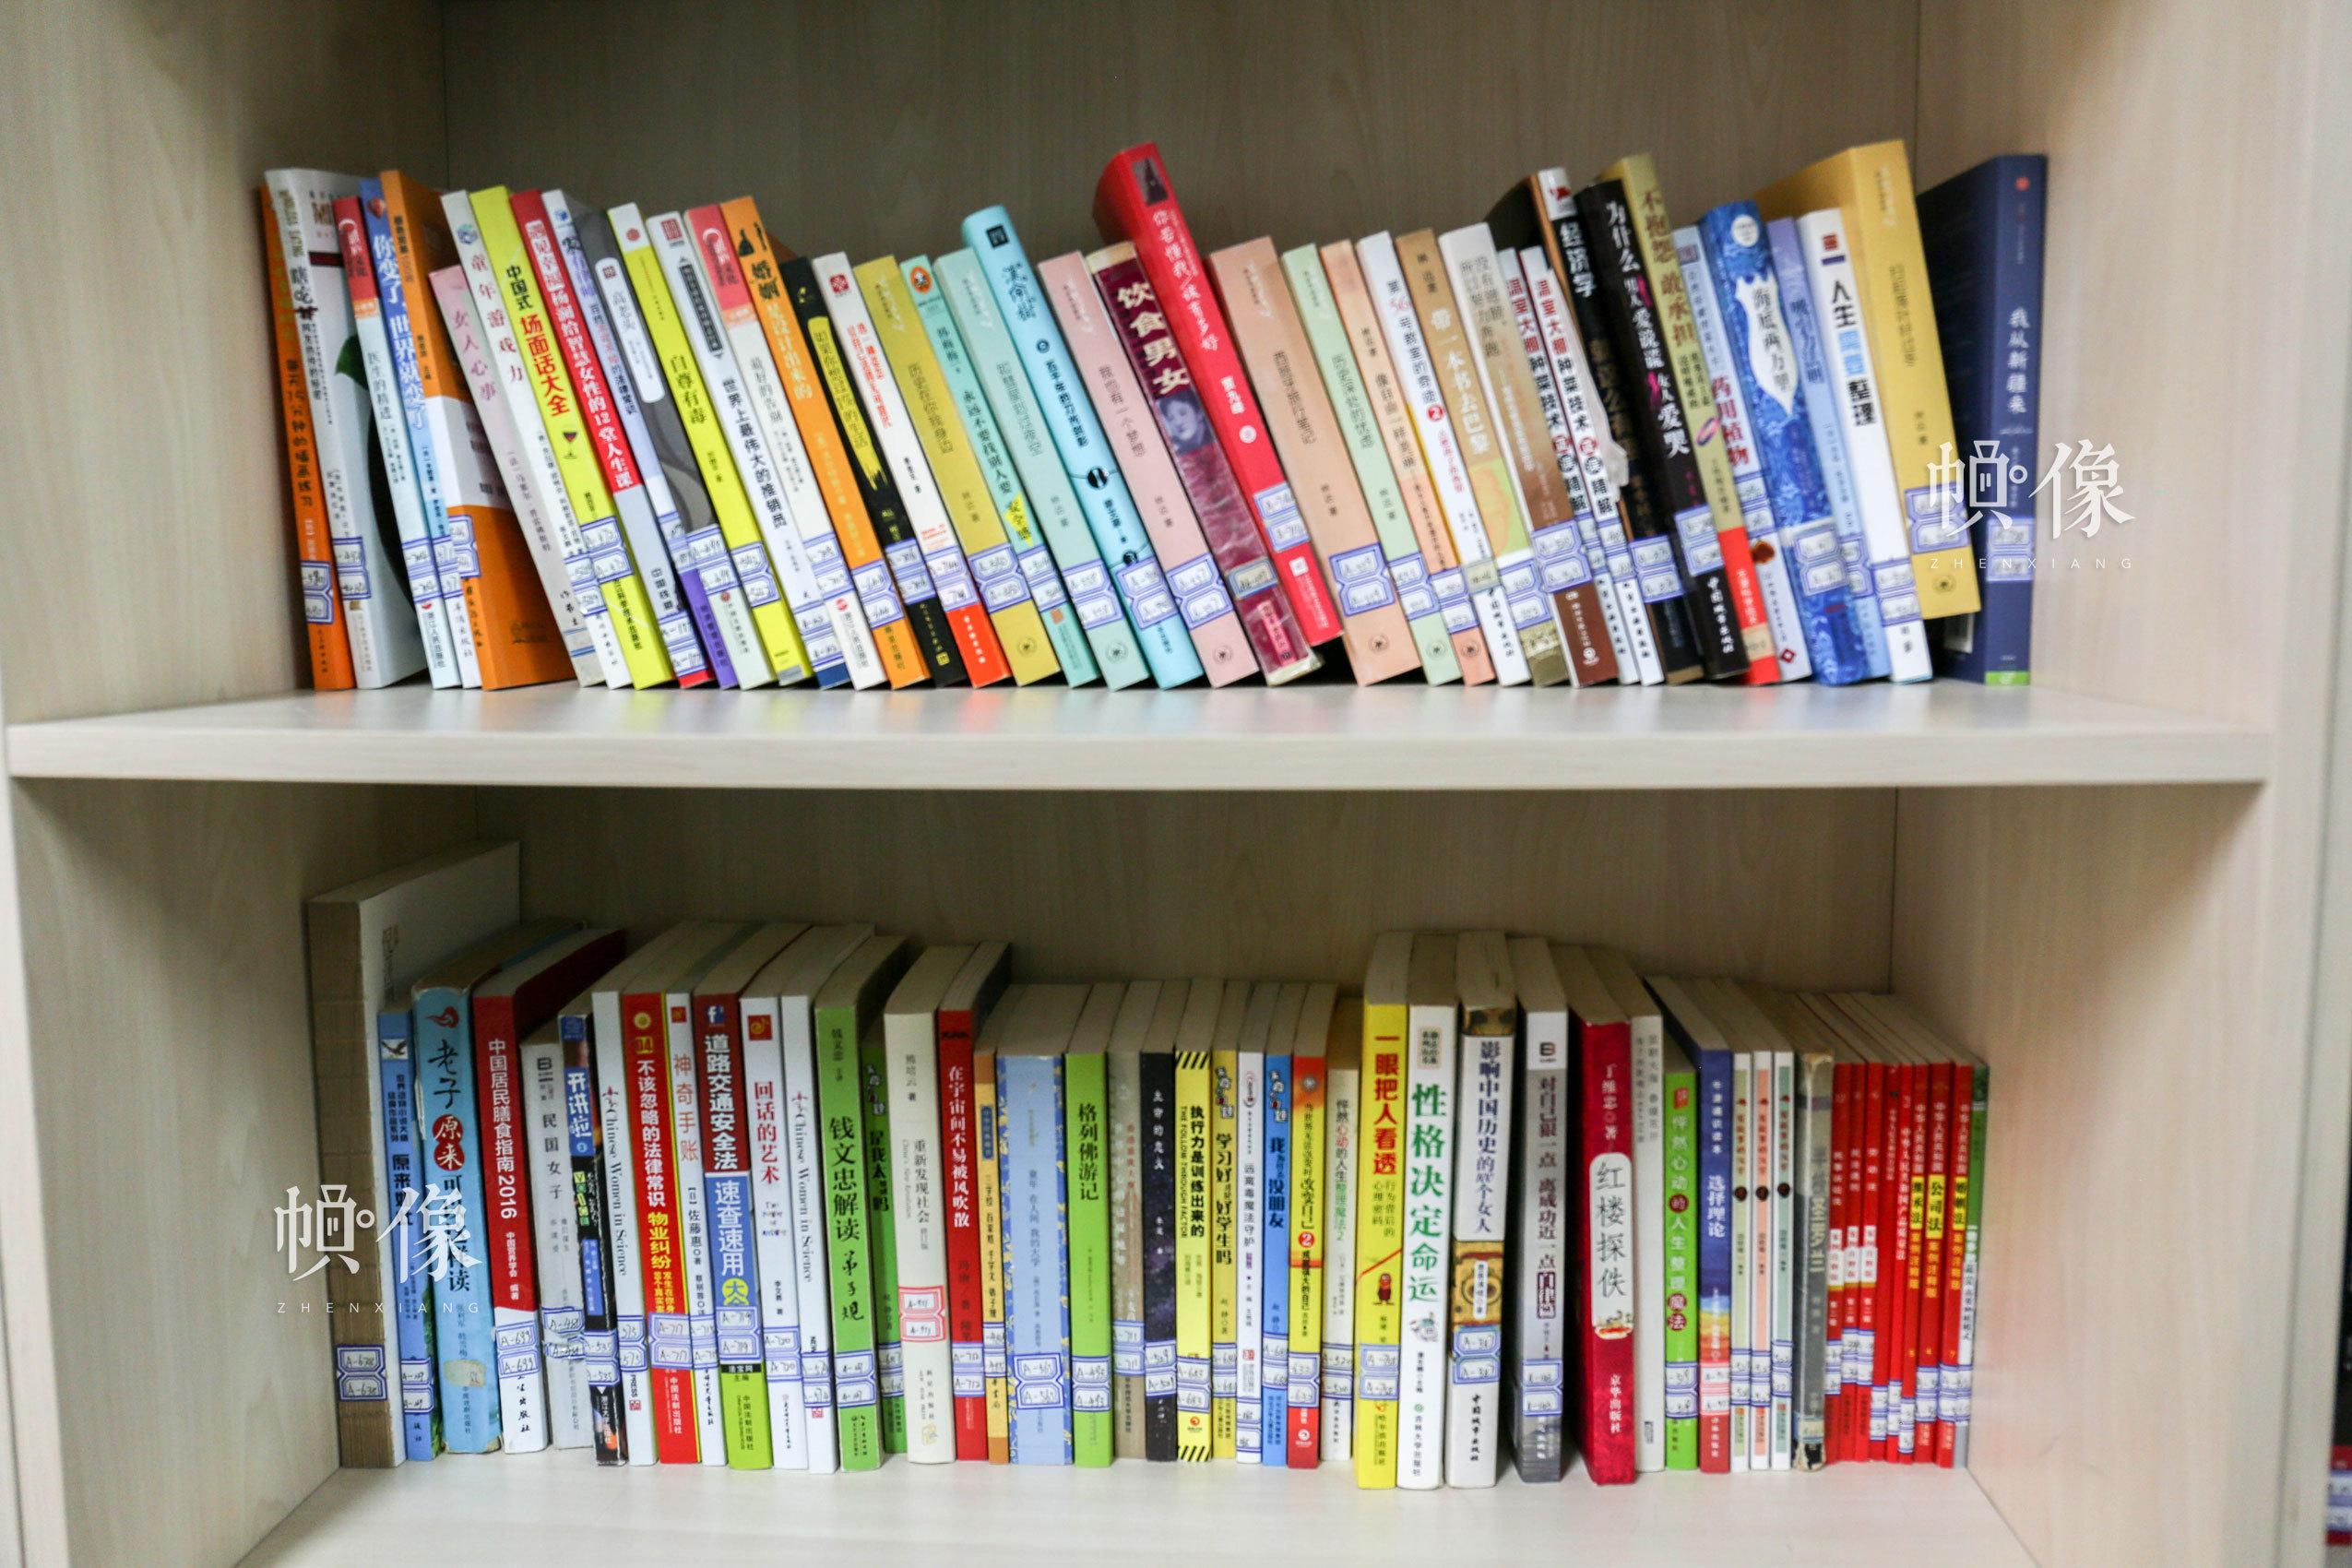 北京市天堂河女子教育矫治所设有图书阅览室供服刑人员阅读,图为阅览室的部分藏书。中国网记者 王梦泽 摄